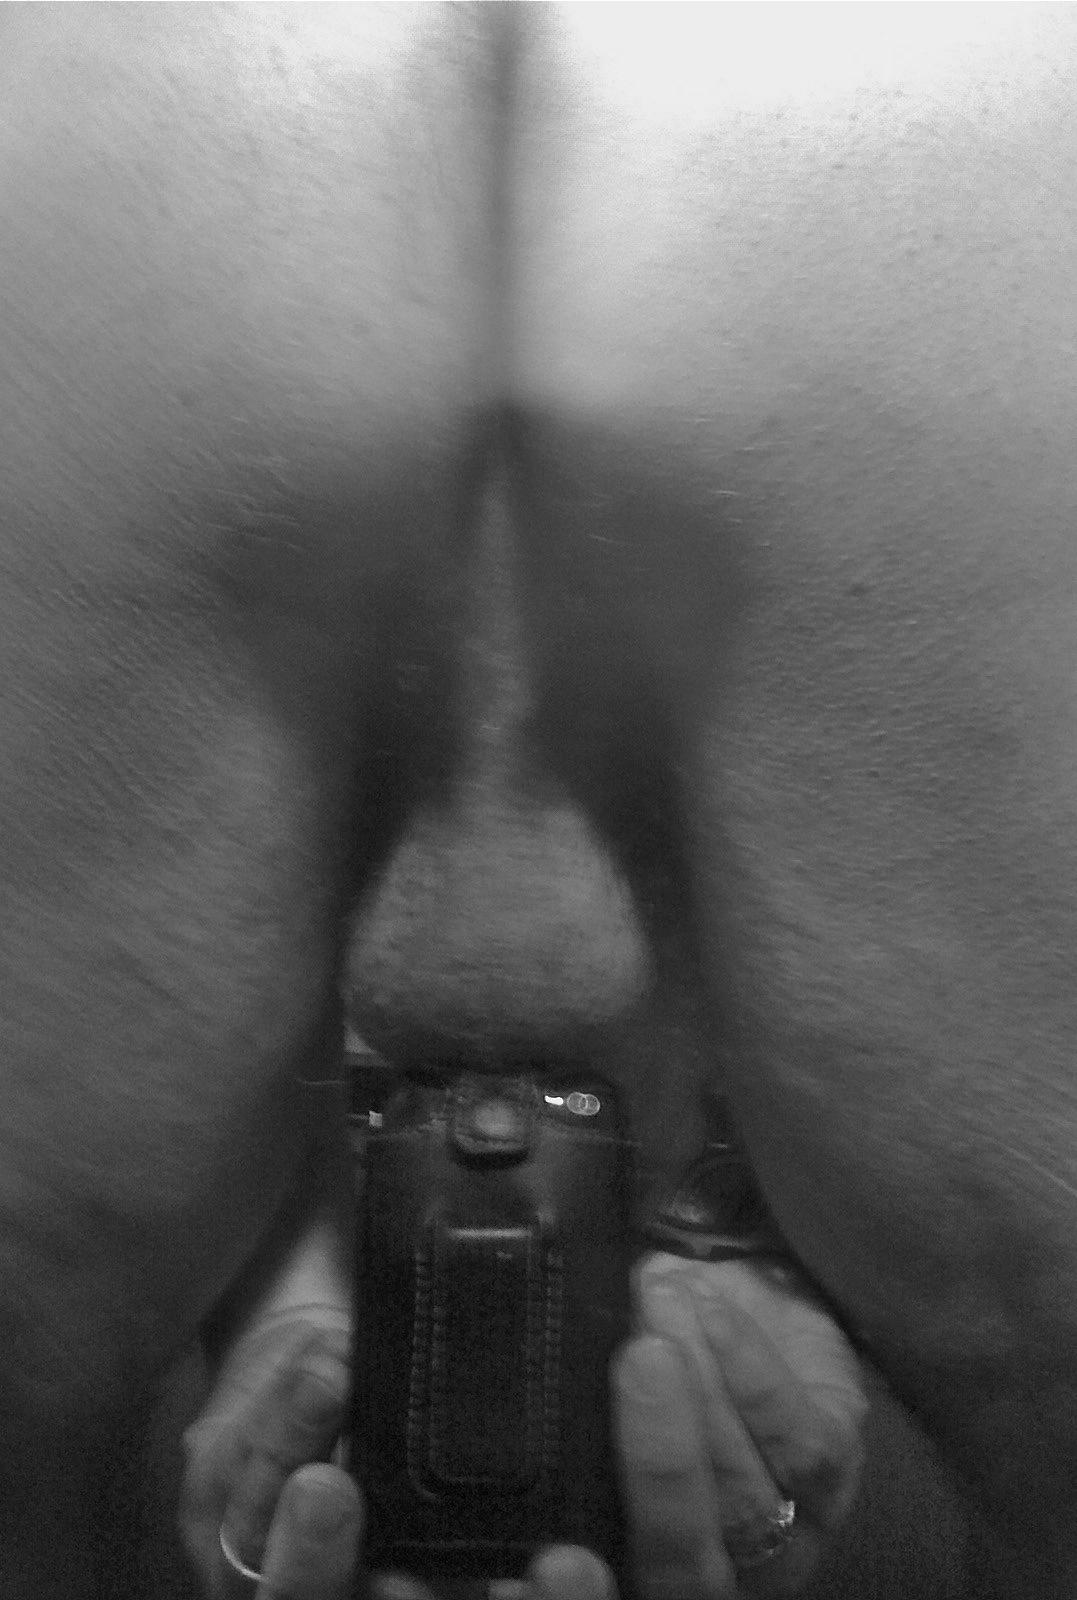 armpit44